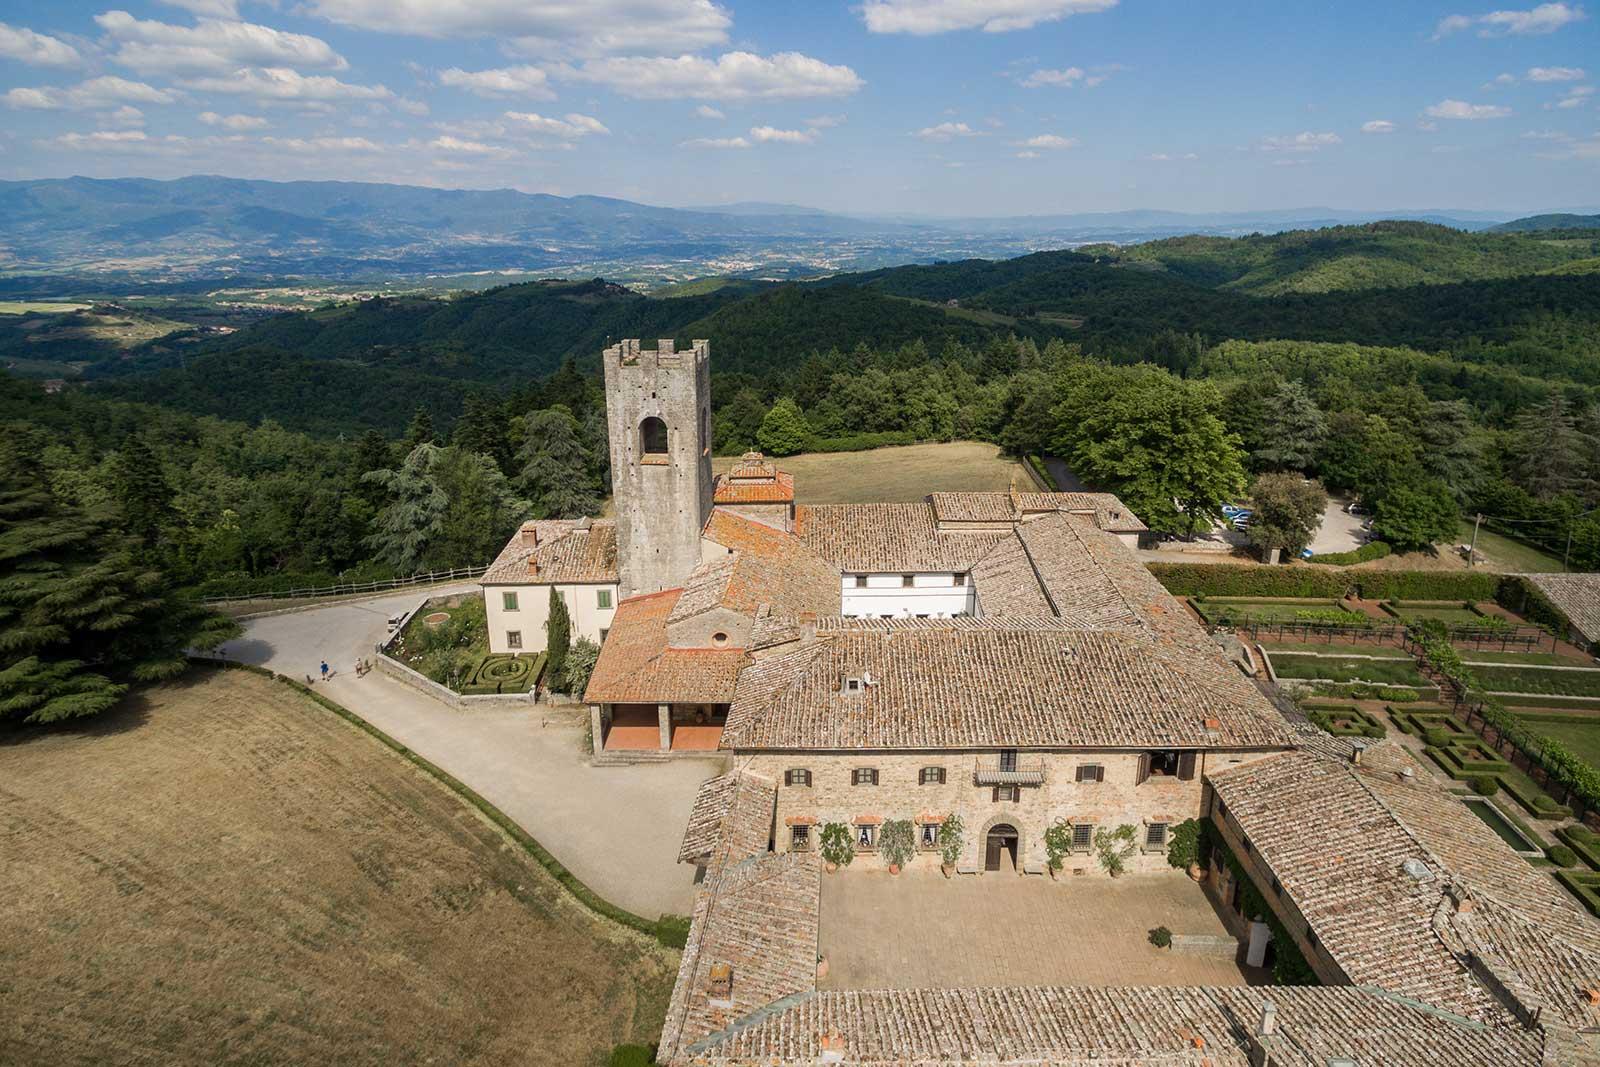 Badia a Coltibuono's famous abbey. ©Badia a Coltibuono